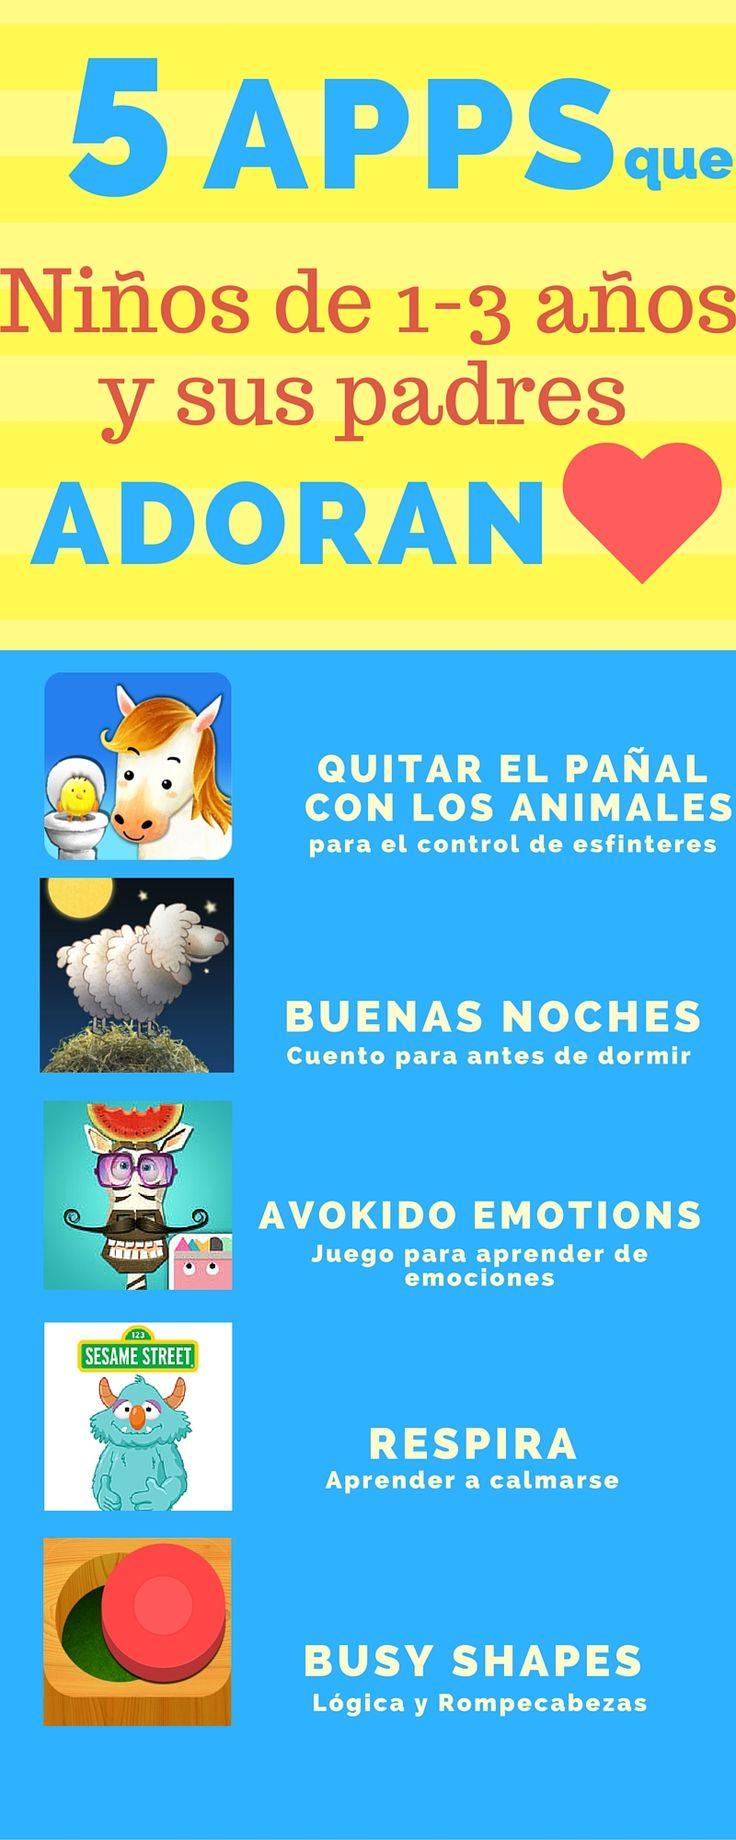 5 mejores apps para ninos de 1, 2 y 3 años adoran  Las 5 son super buenas! todas ganadoras de premios. y las 5 super educativas  #mejoresapps #appseducativas #appsparaniños #appeducativas